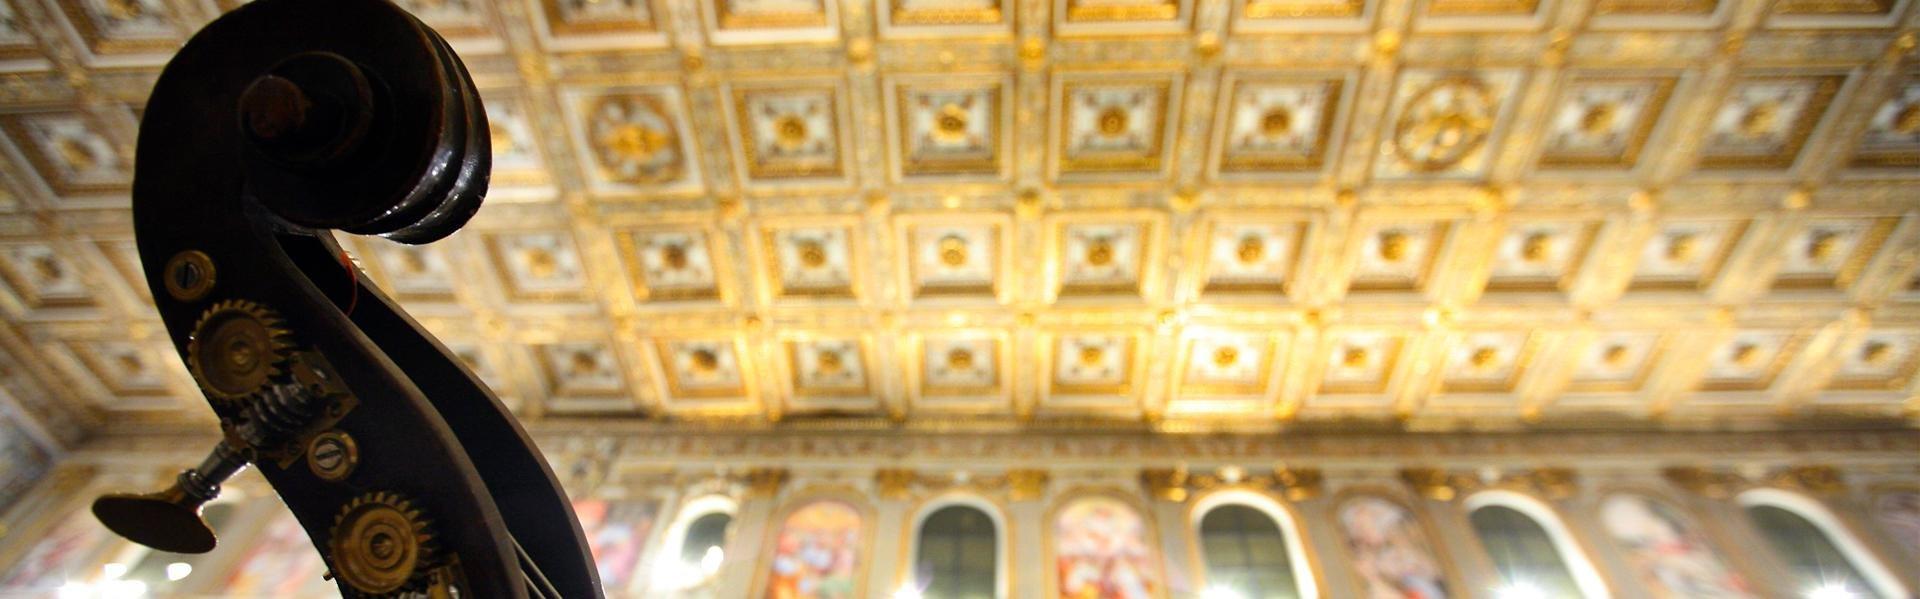 Rome Musica Sacra, Italie